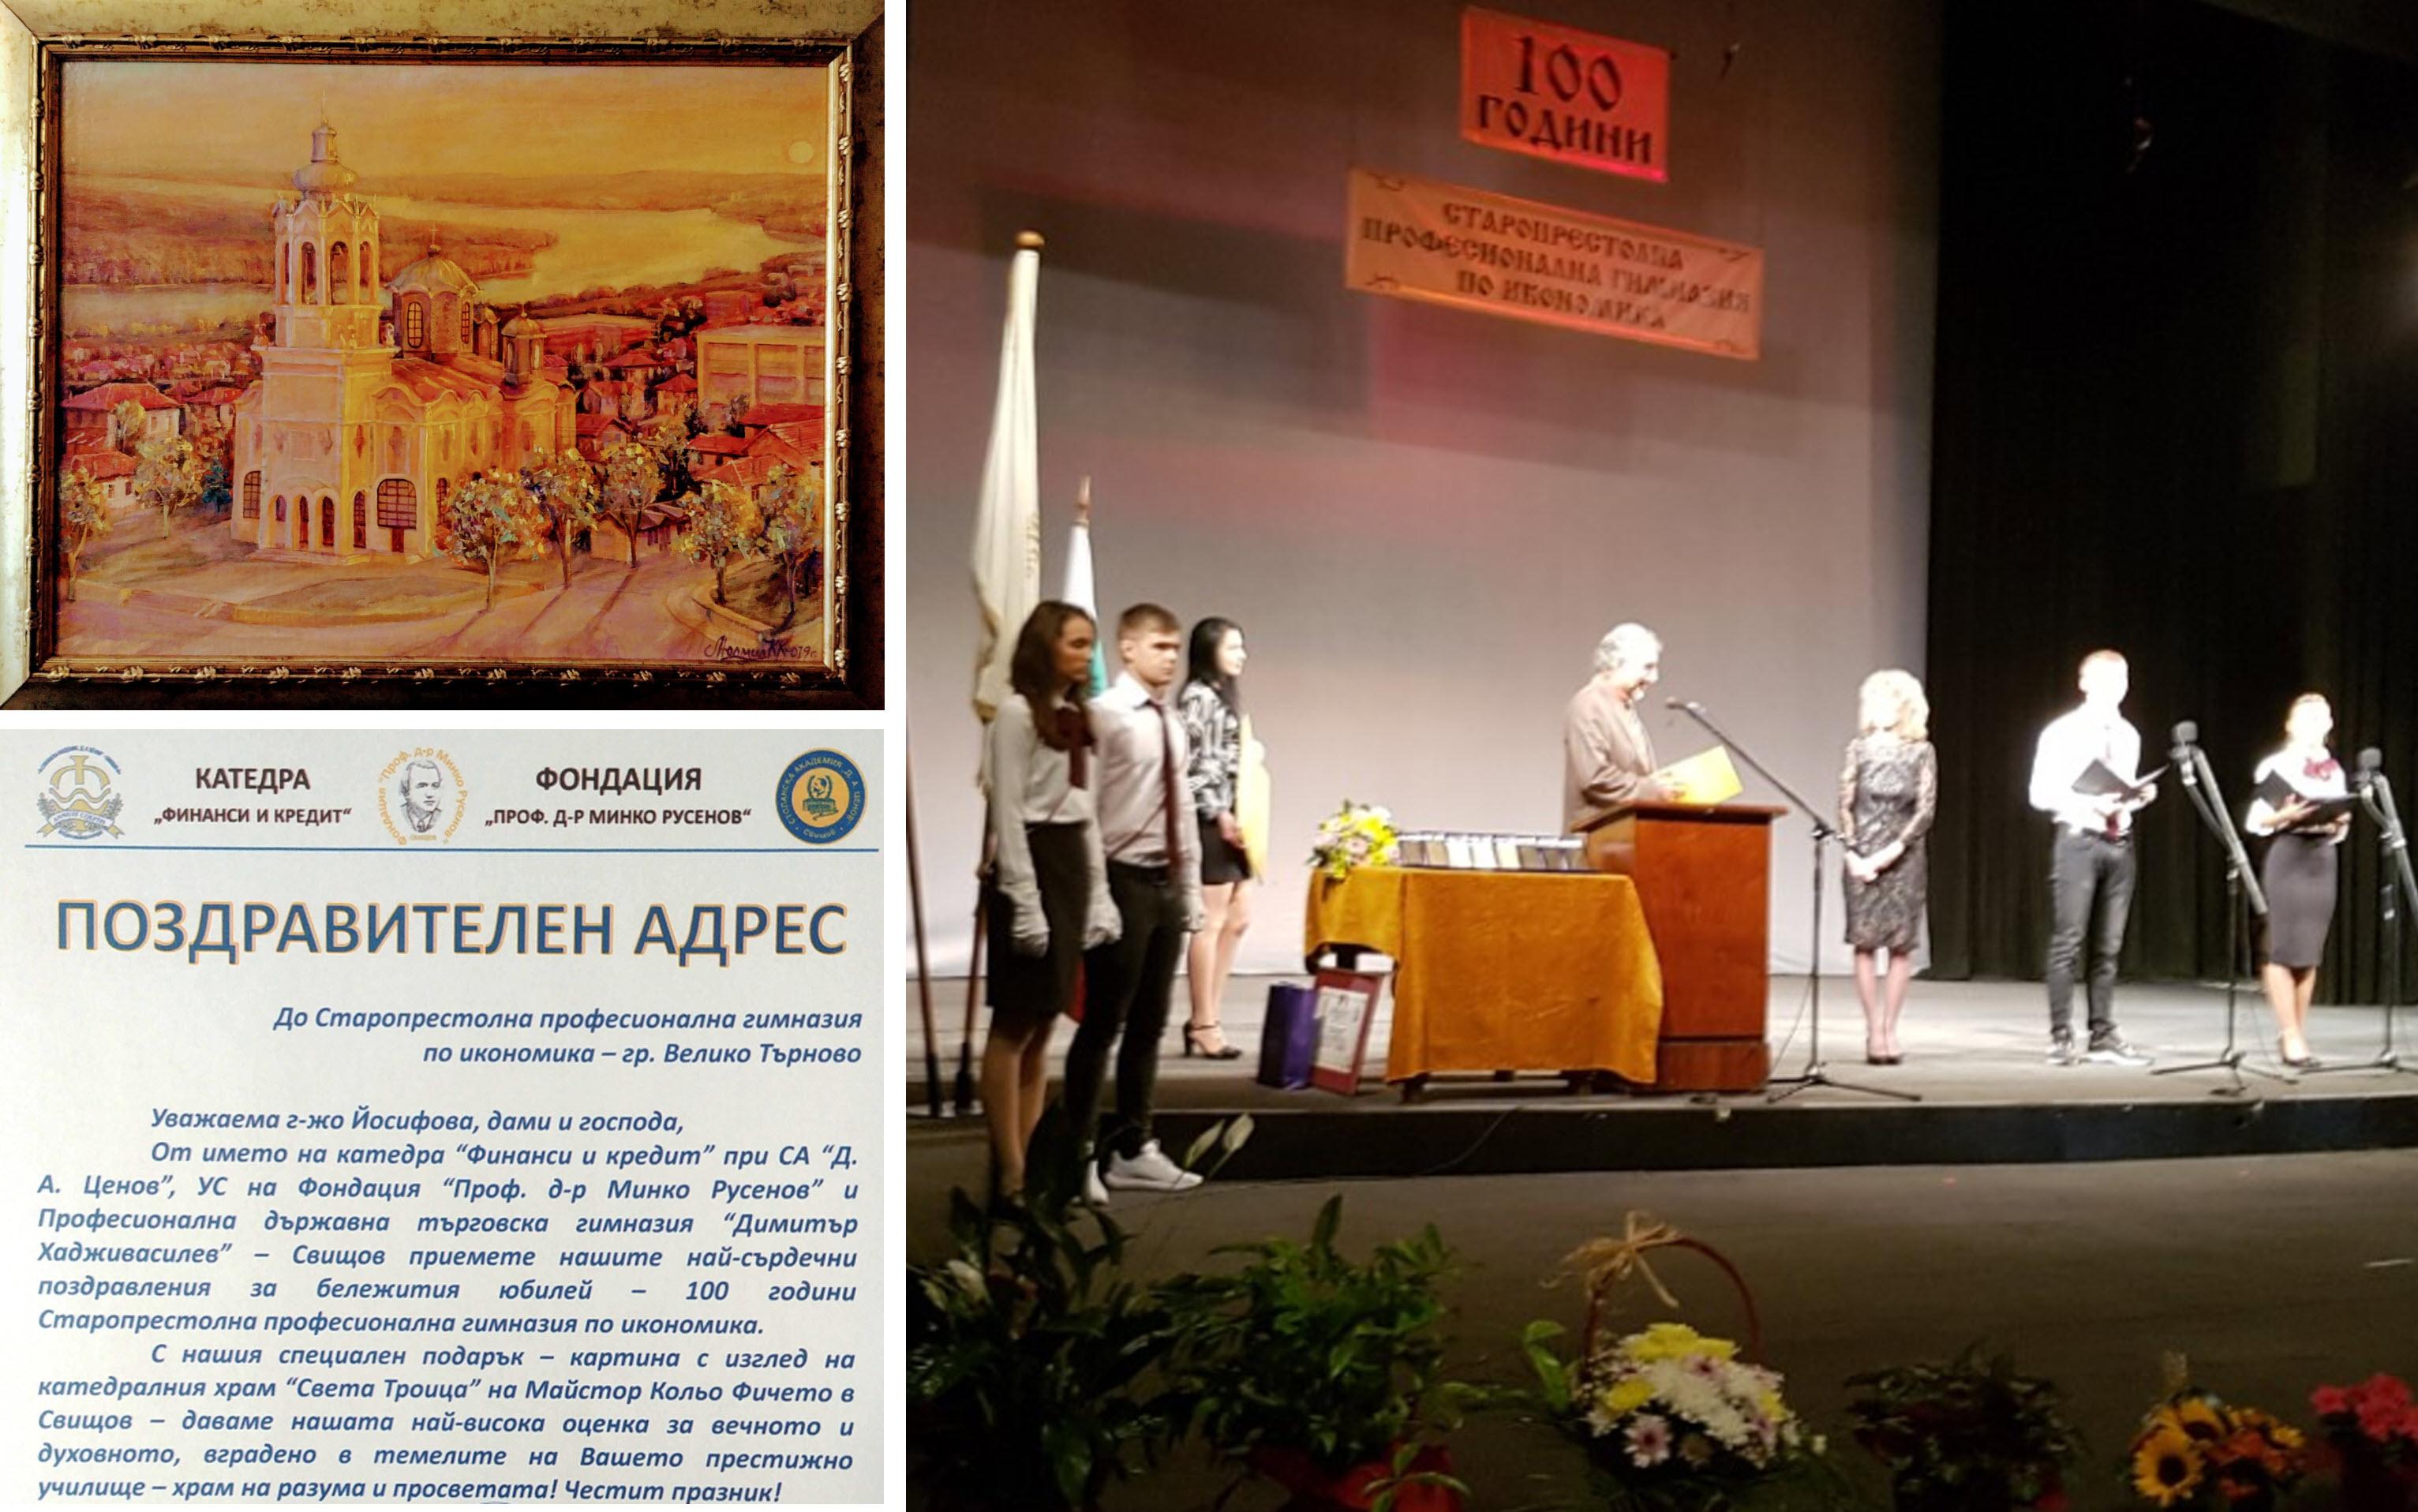 Доц. д-р Стефан Симеонов с академичен поздрав за 100-годишнината на Старопрестолната професионална гимназия по икономика (18.10.2019 г.)